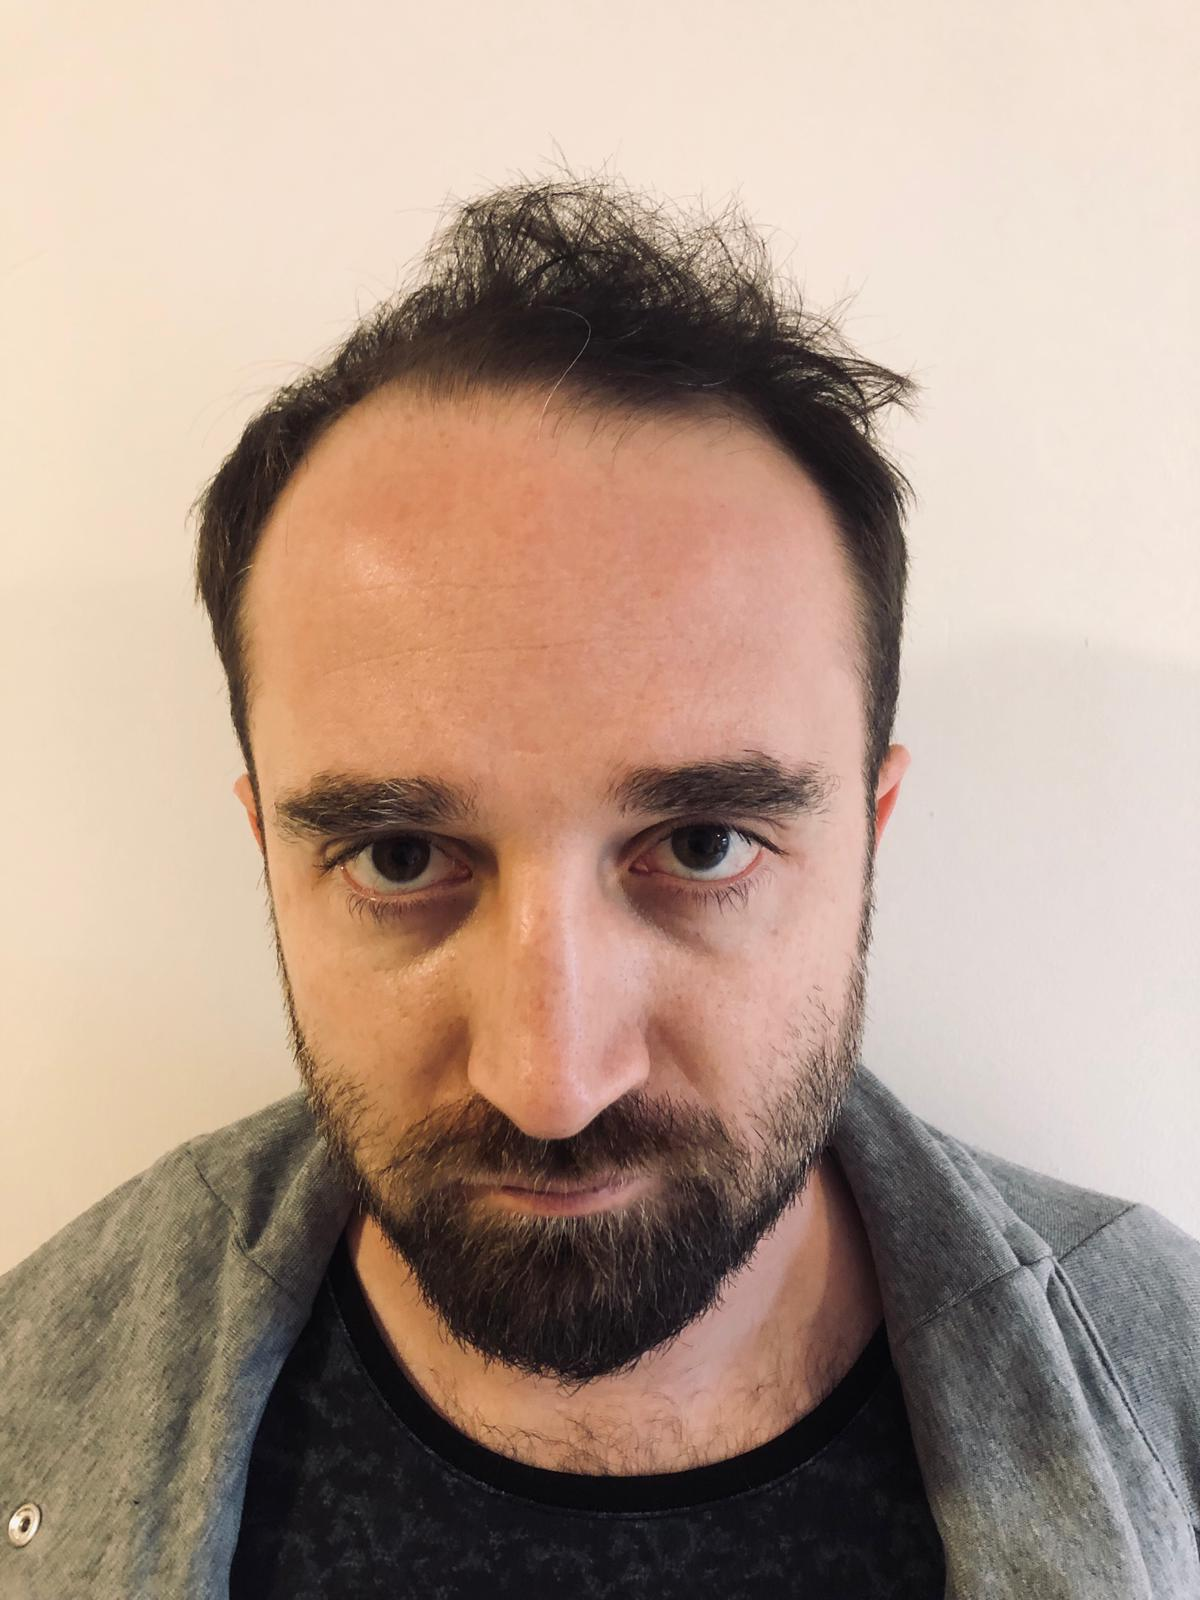 Saç ekimi için doktorum Çağatay Falcıoğlu'nu tercih ettim işte sonucum